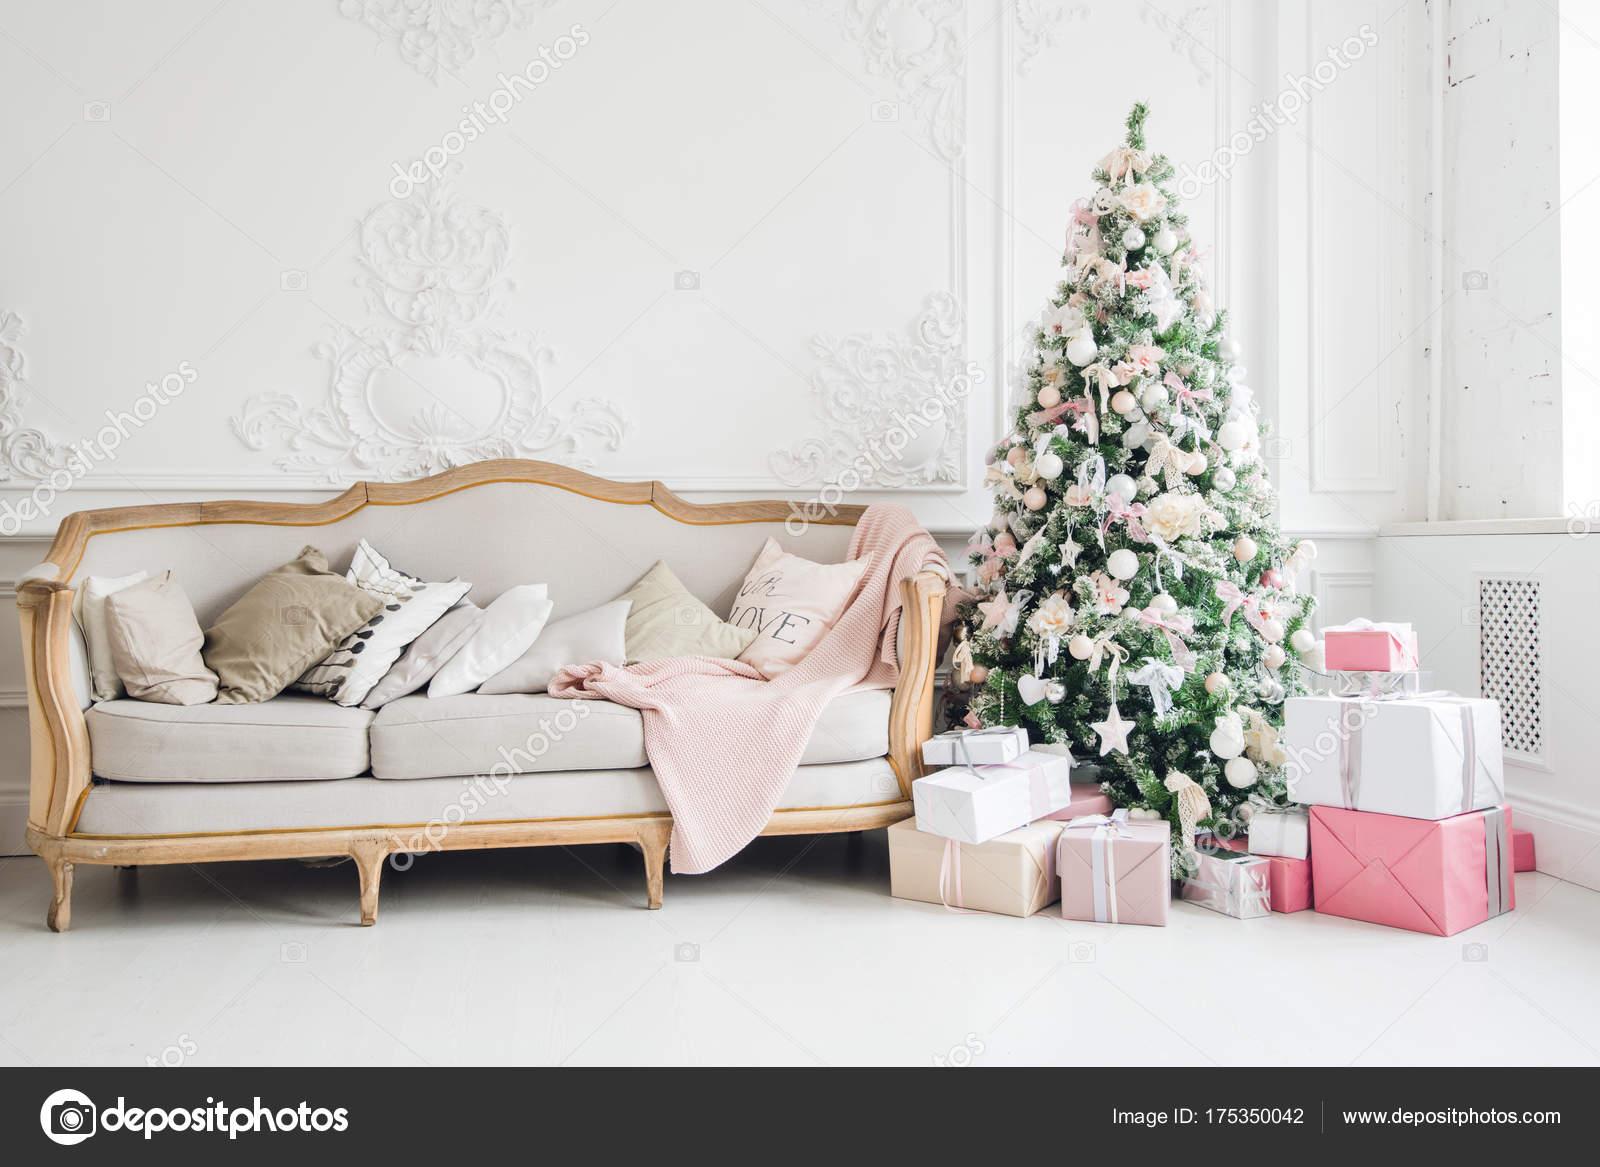 Nieuwe jaar vakantie of feest de sfeer stijlvolle kerst